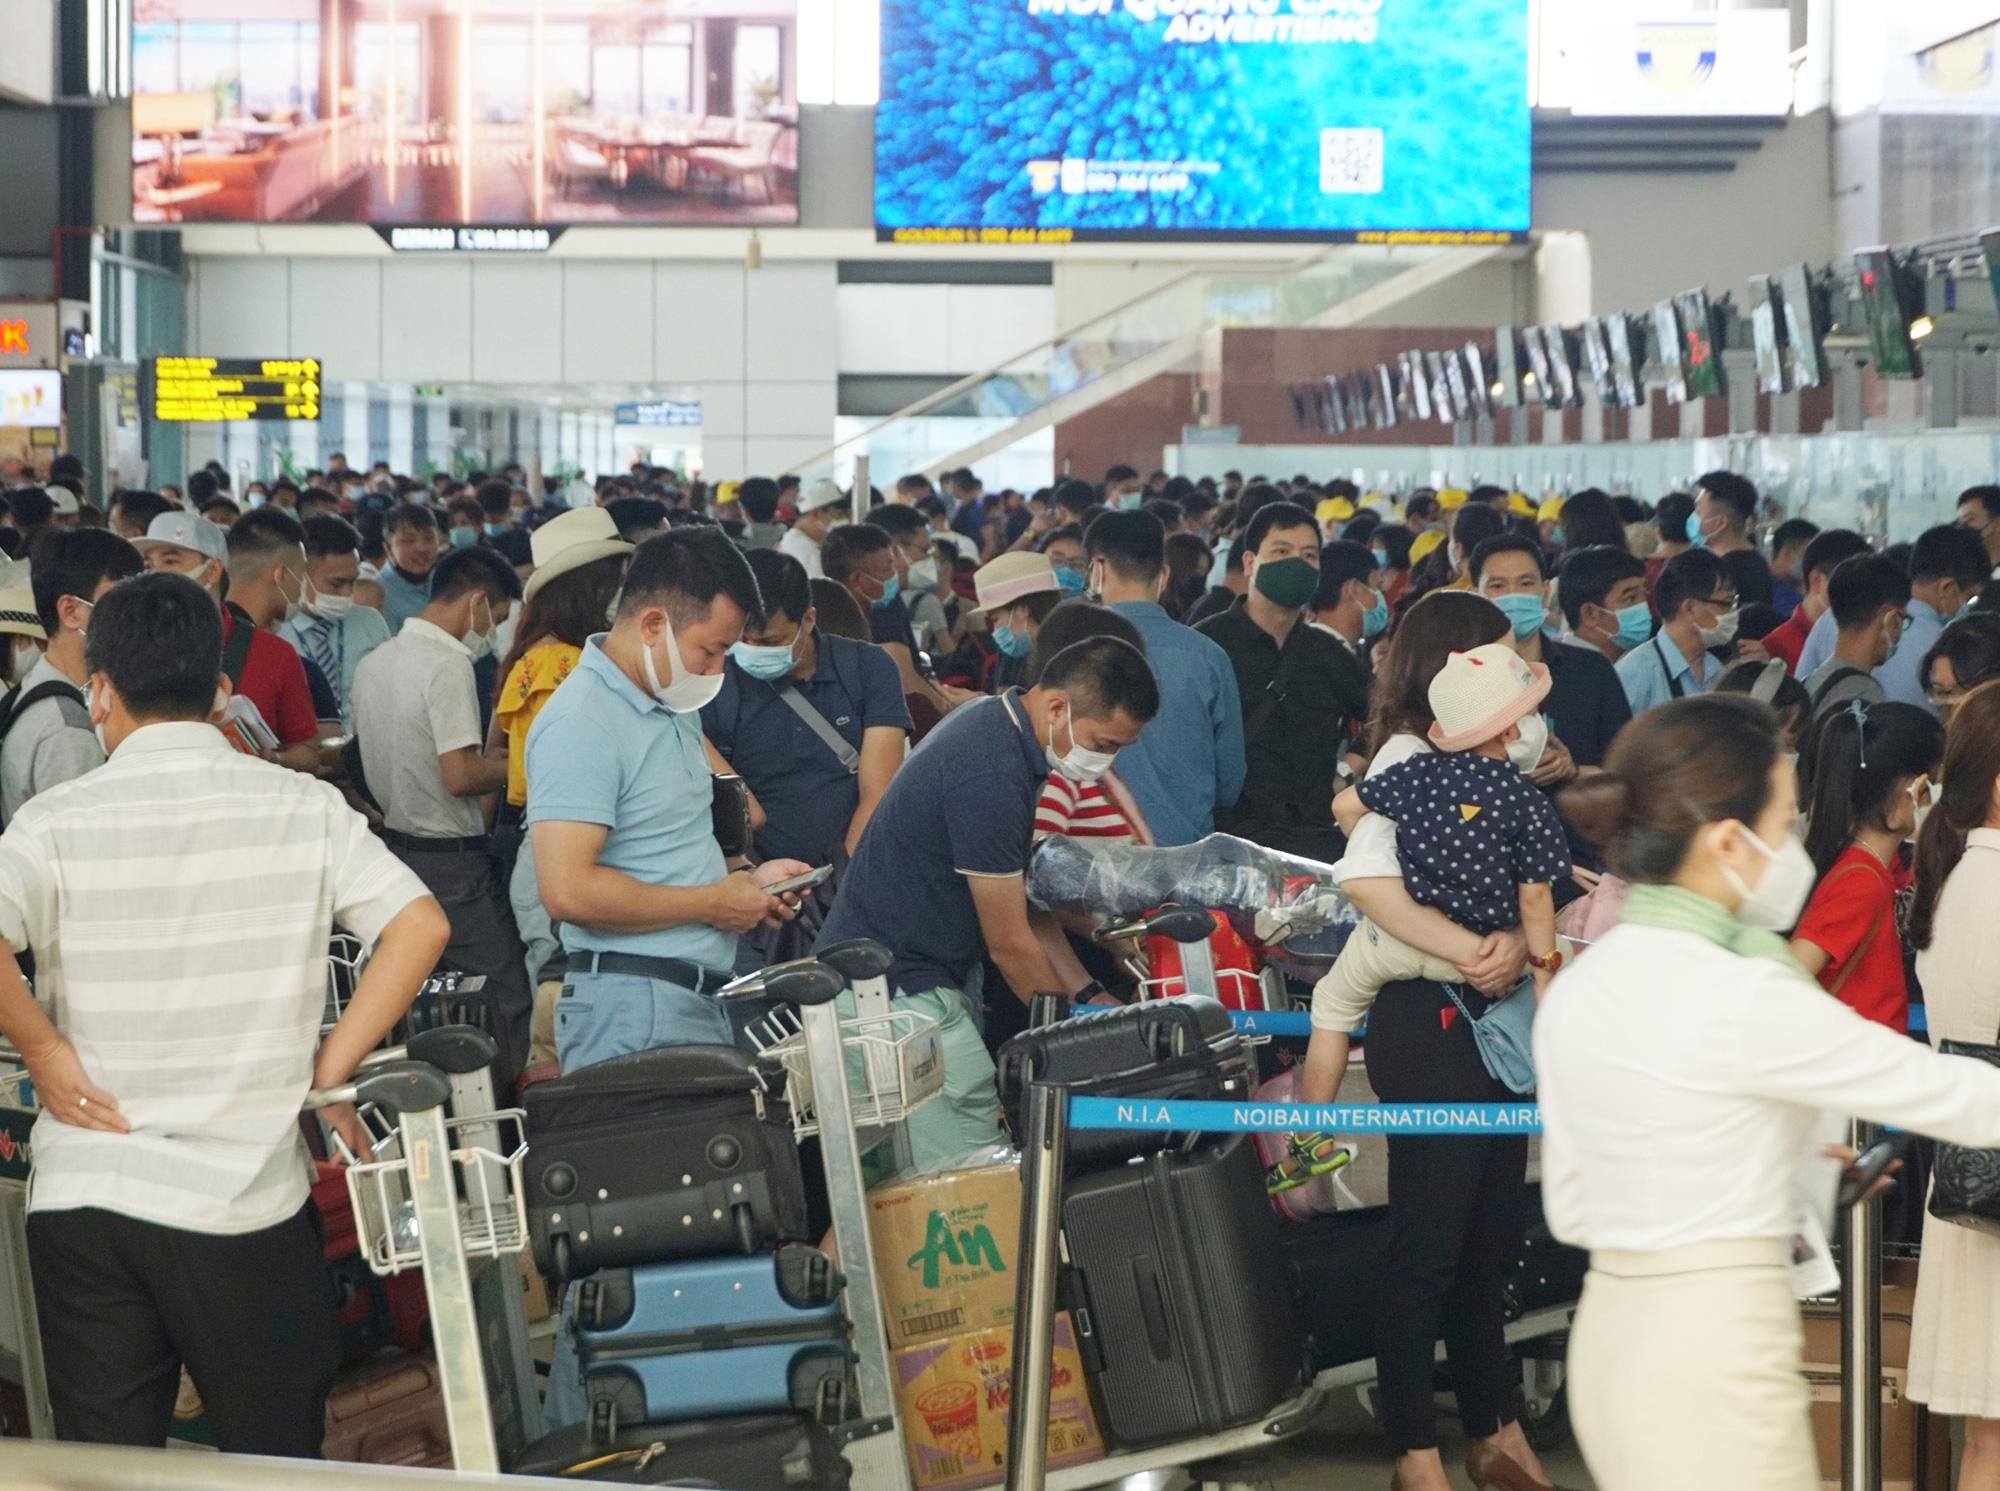 Hàng vạn hành khách xếp hàng dài chờ check-in tại sân bay Nội Bài trước ngày nghỉ lễ 30/4-1/5 - Ảnh 2.